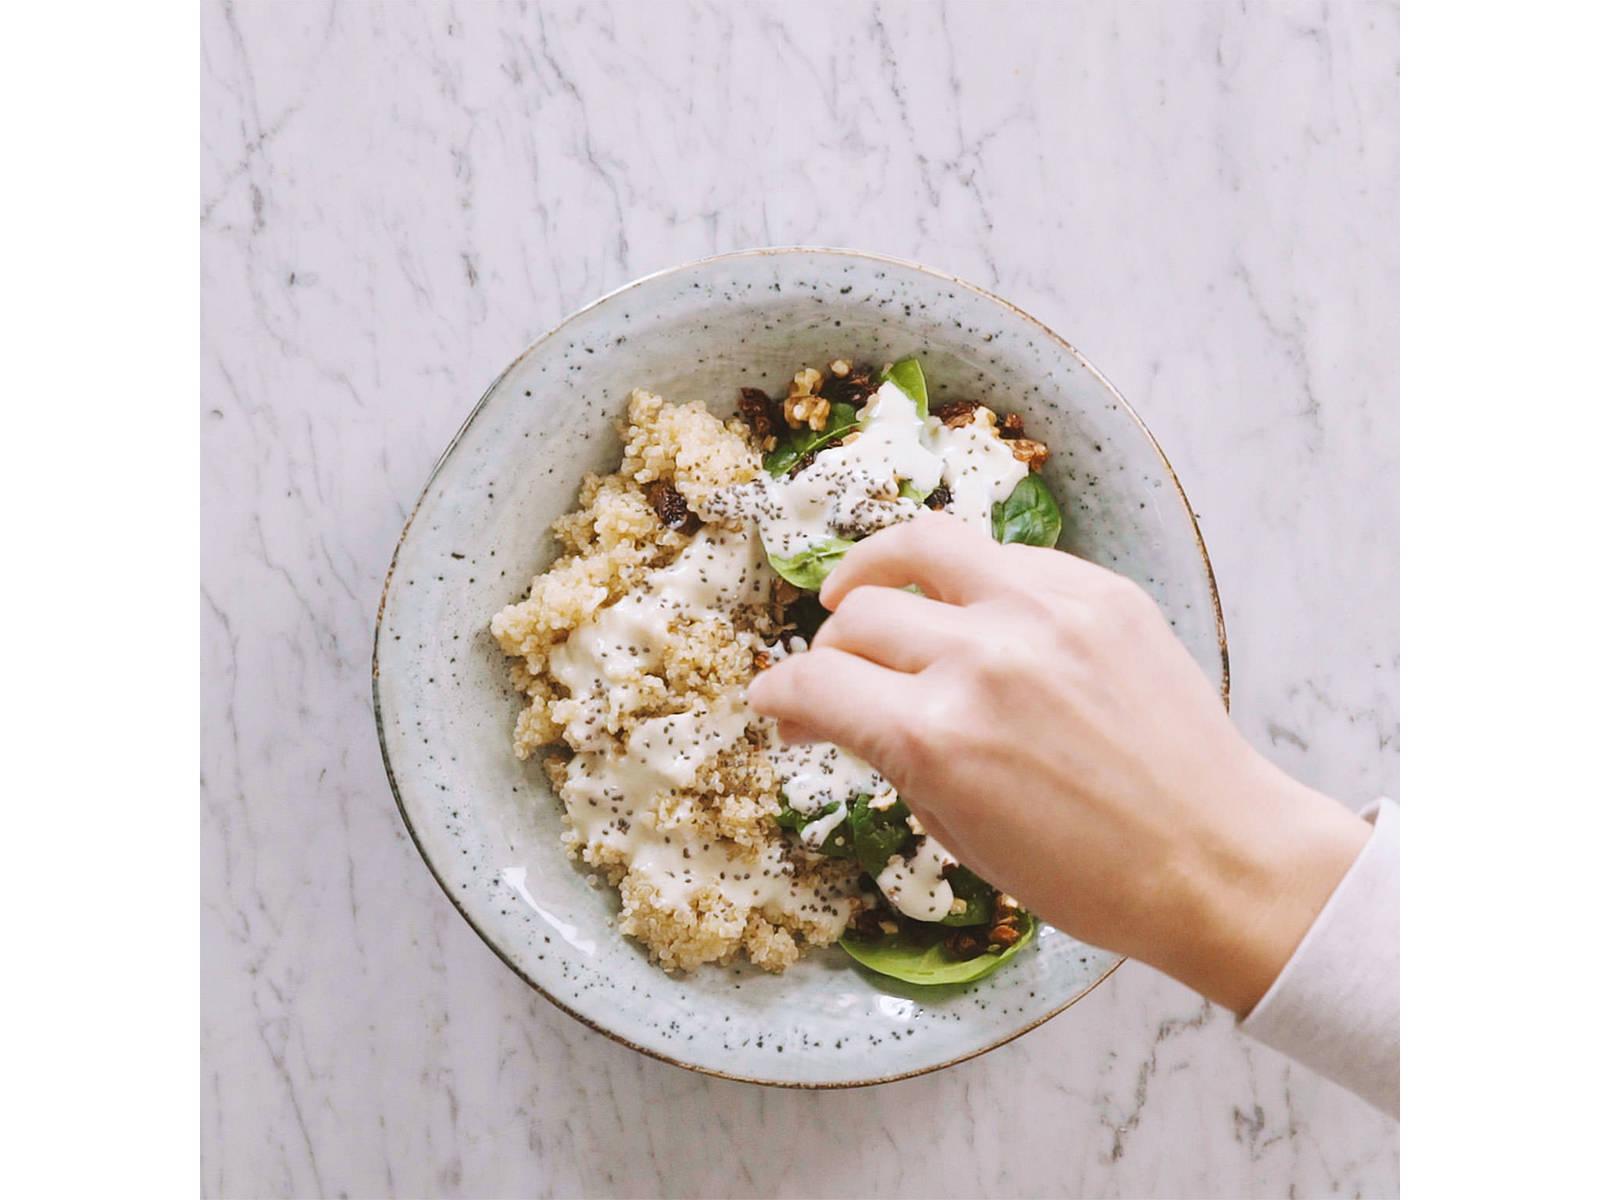 将煮好的藜麦与嫩菠菜叶、核桃碎、风干番茄碎一同装入上菜碗,淋上酱汁,撒上奇亚籽。尽情享用吧!